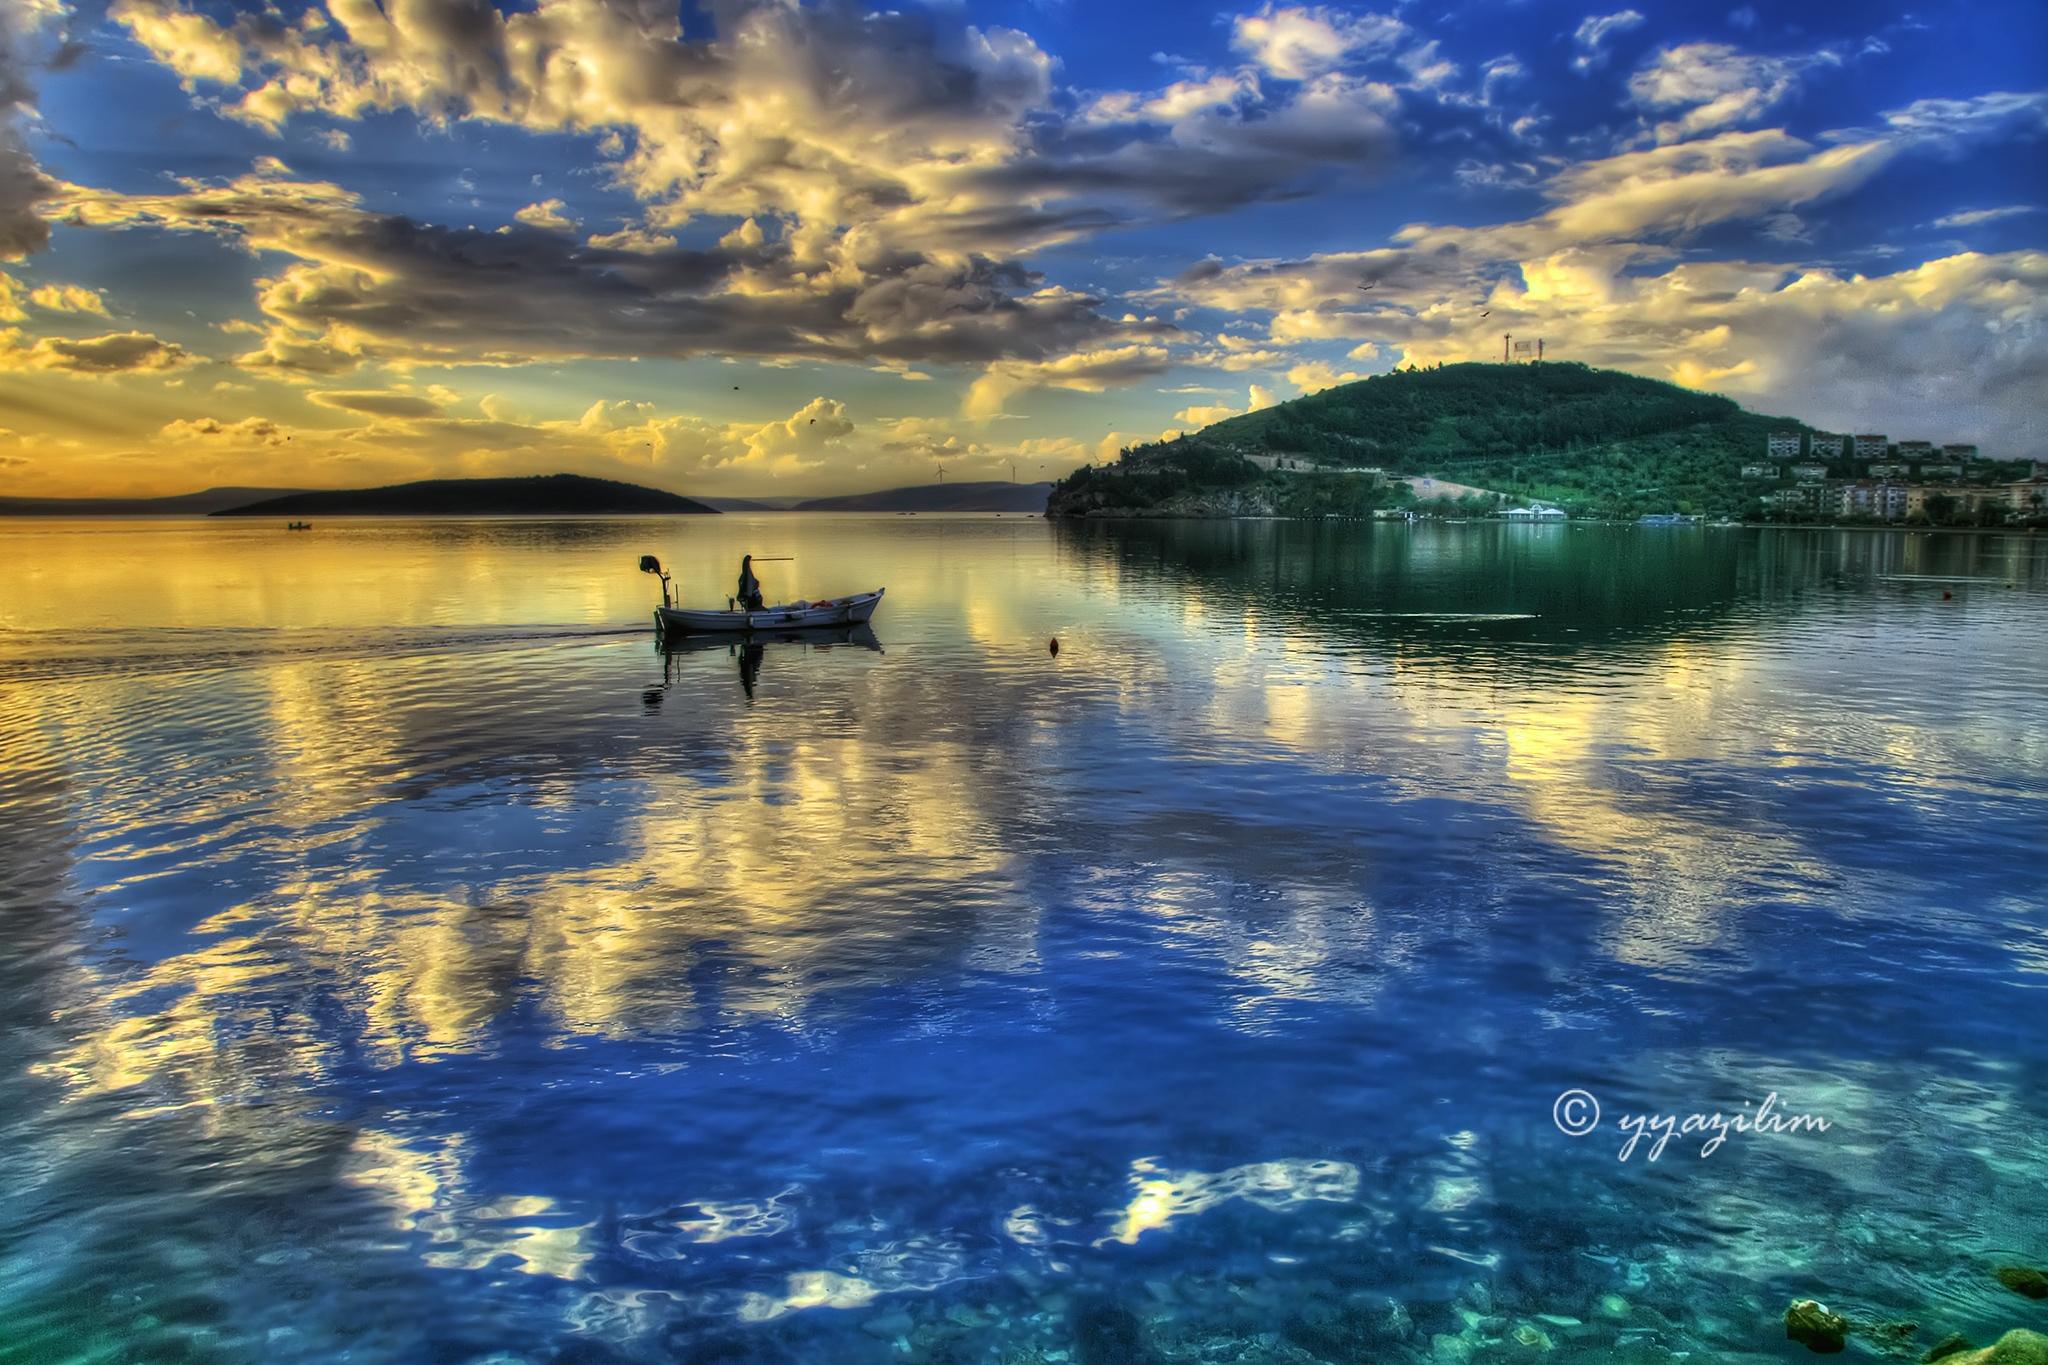 Yer gök by İbrahim YILDIZ